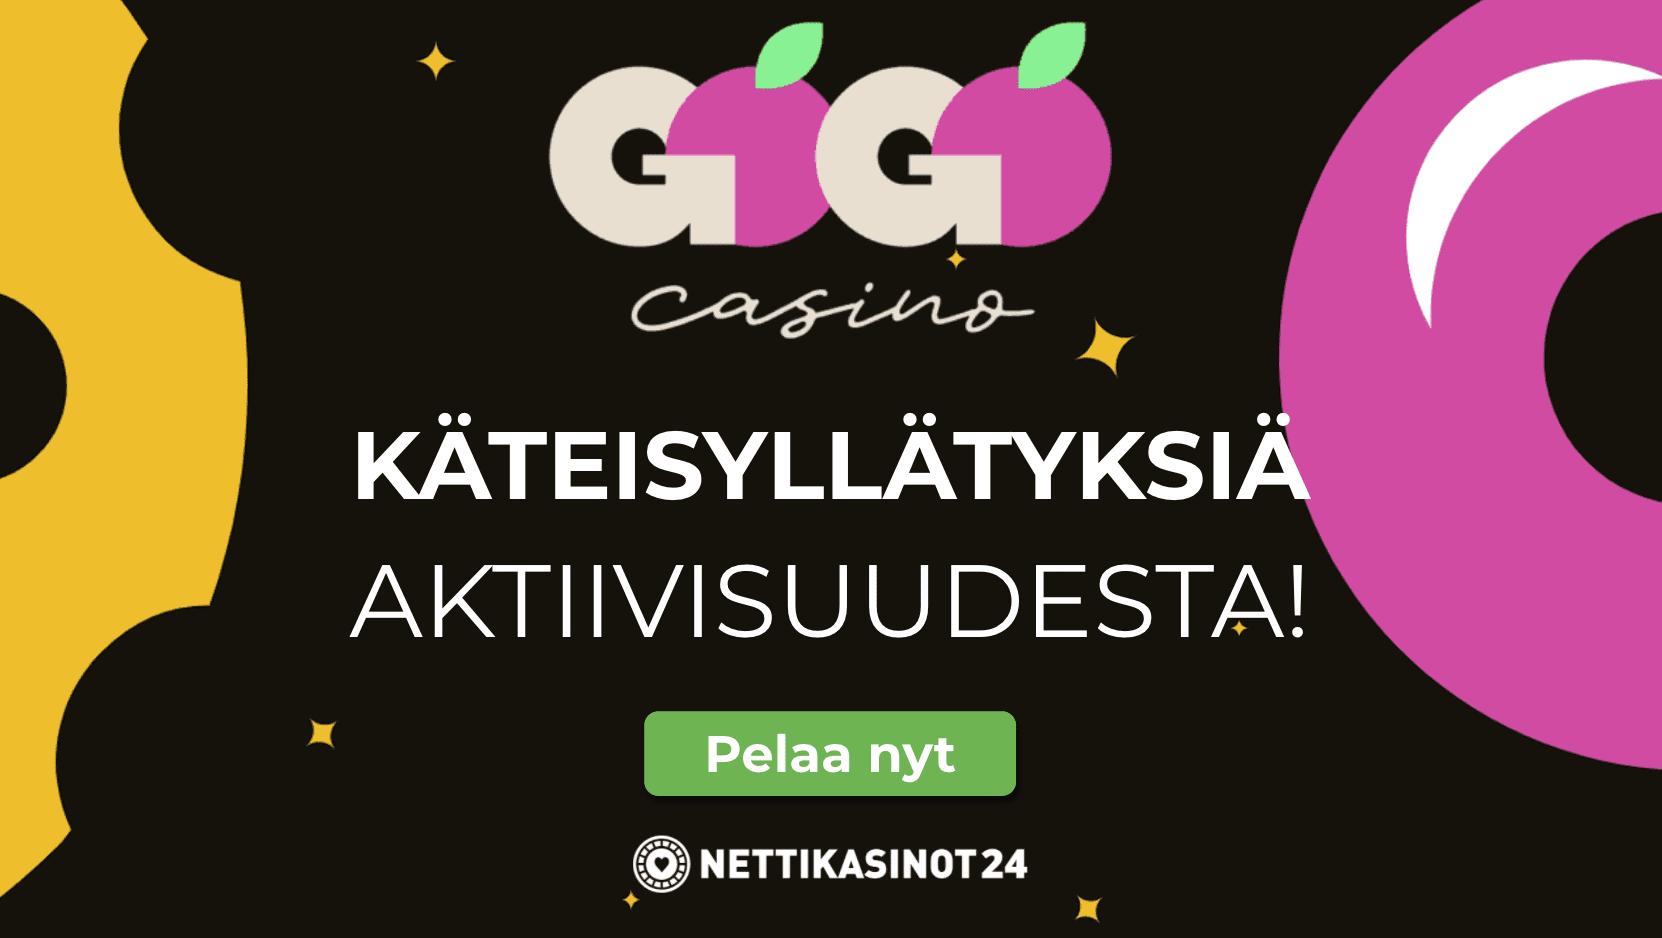 gogo casino cashdrop - Yllätyspalkintoja lojaalisille pelaajille